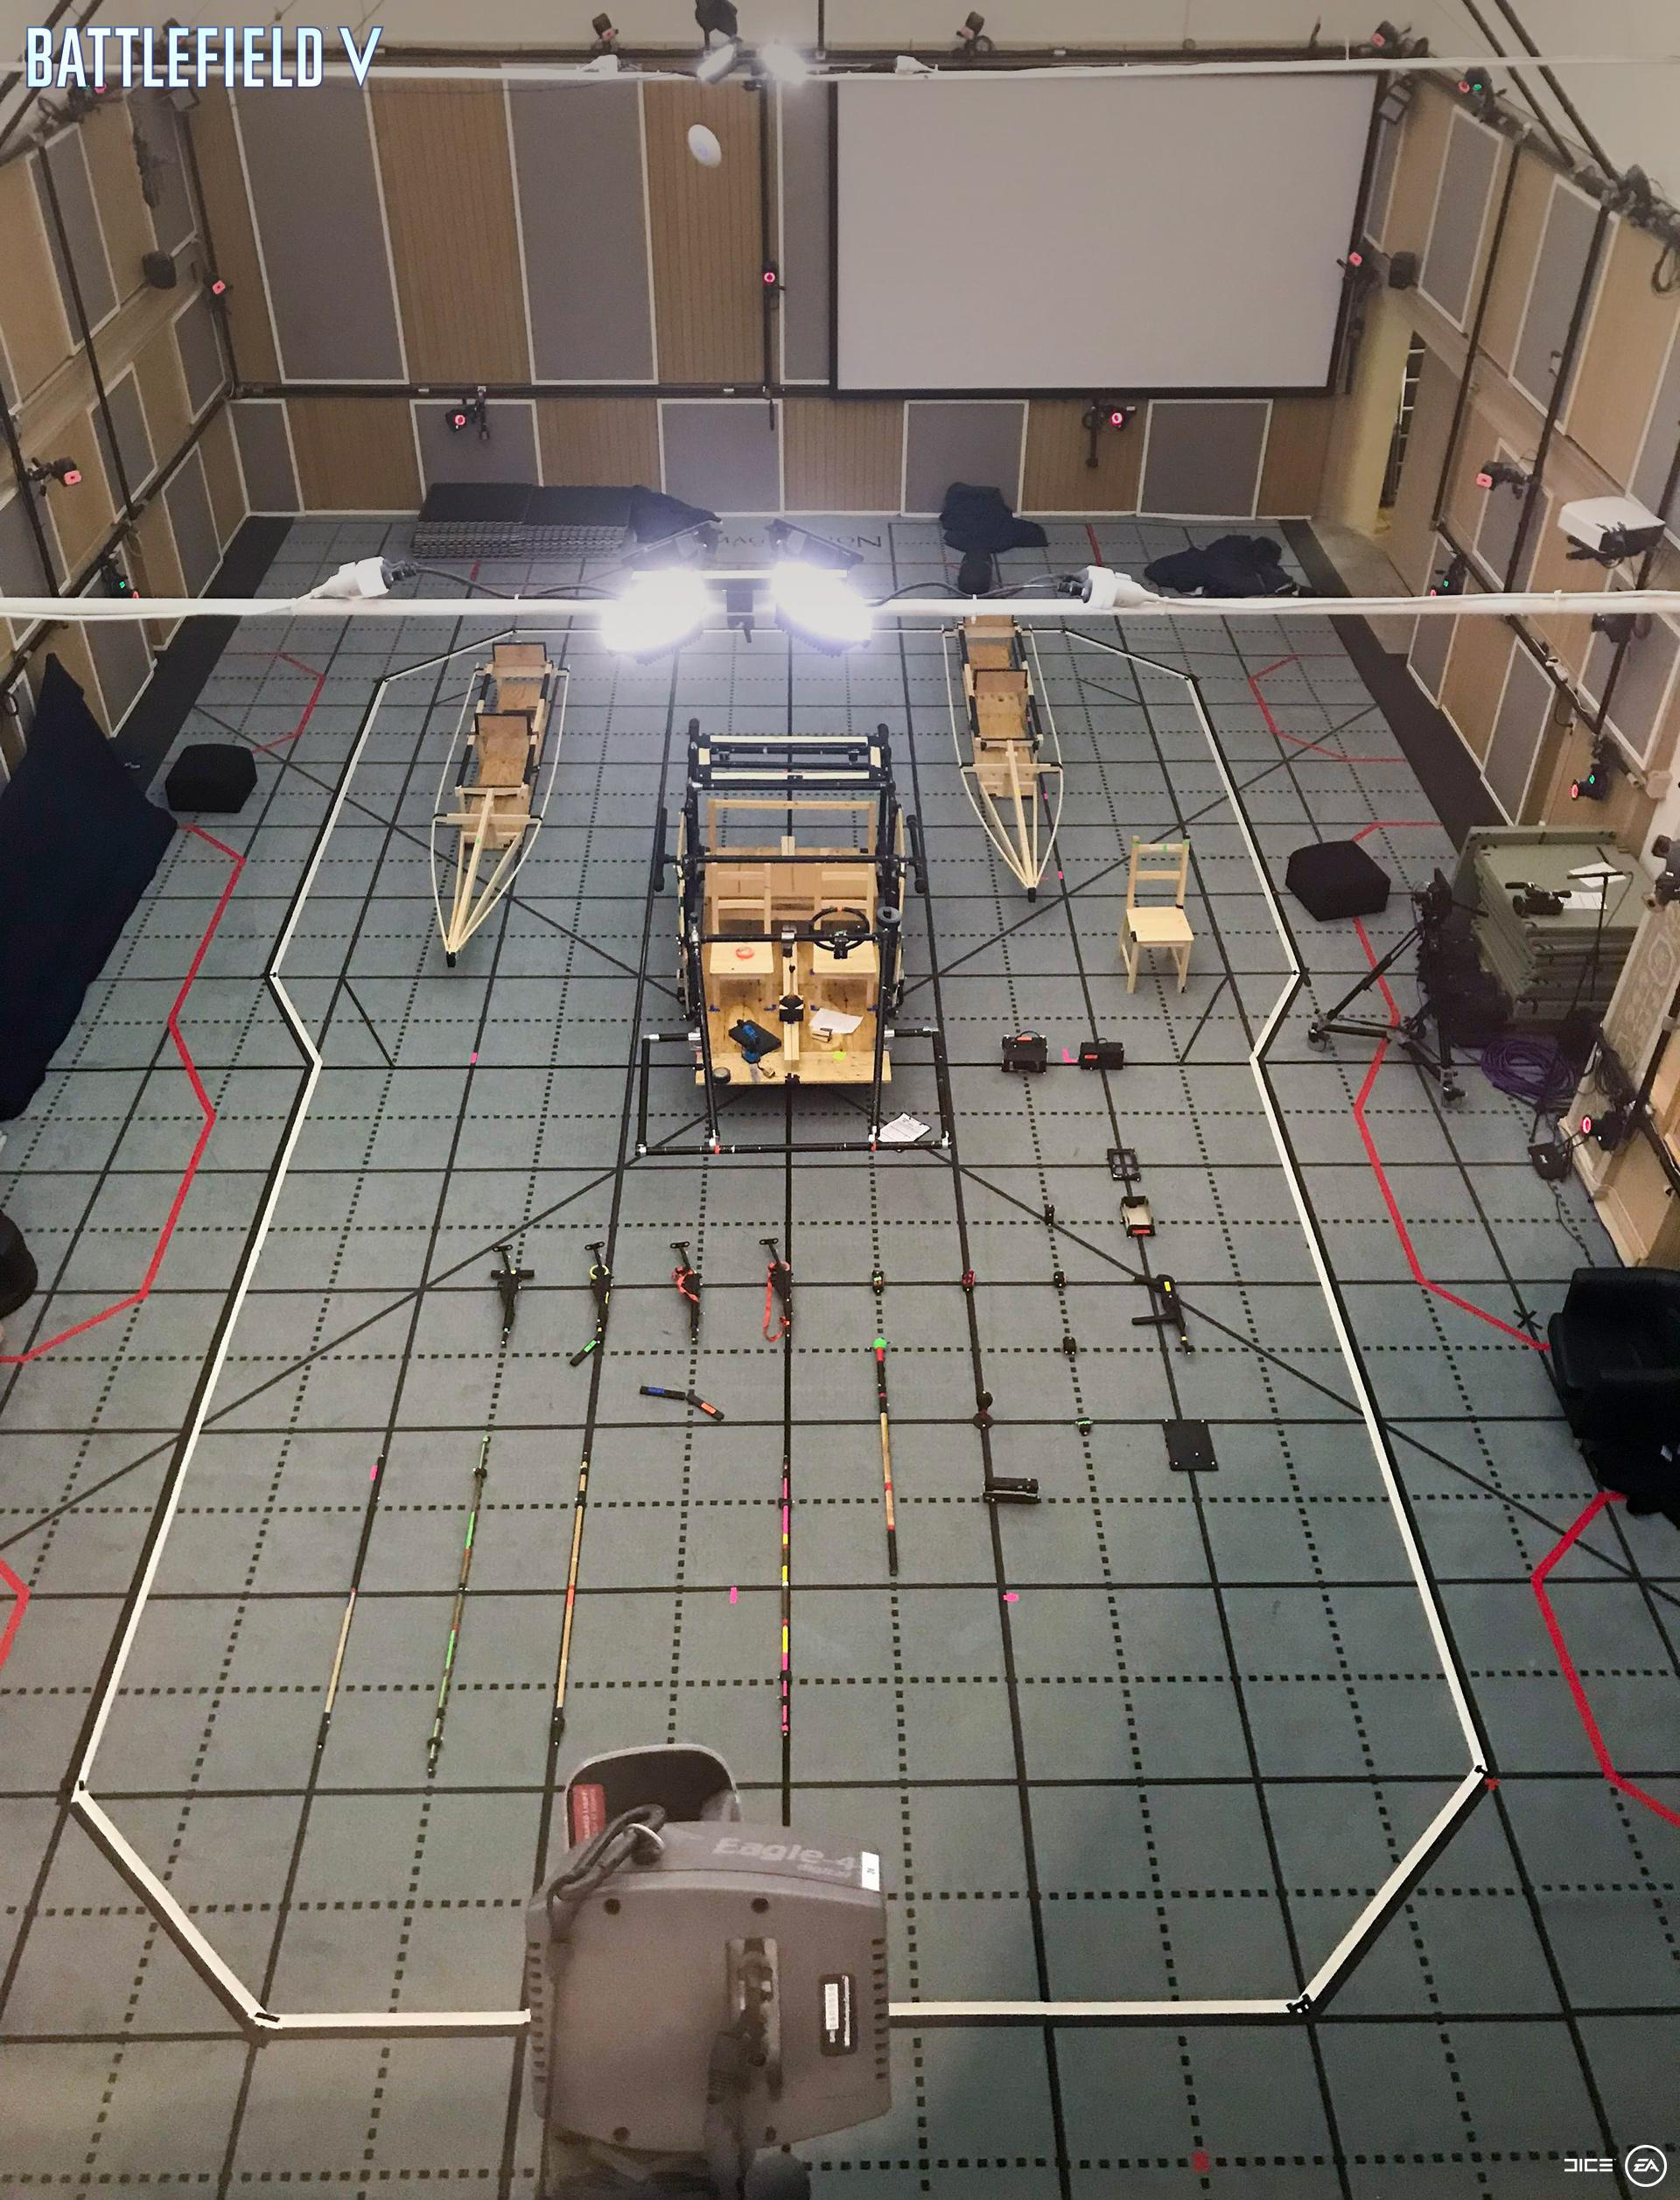 《戰地5》新截圖和單人戰役細節 根據真實事件改編